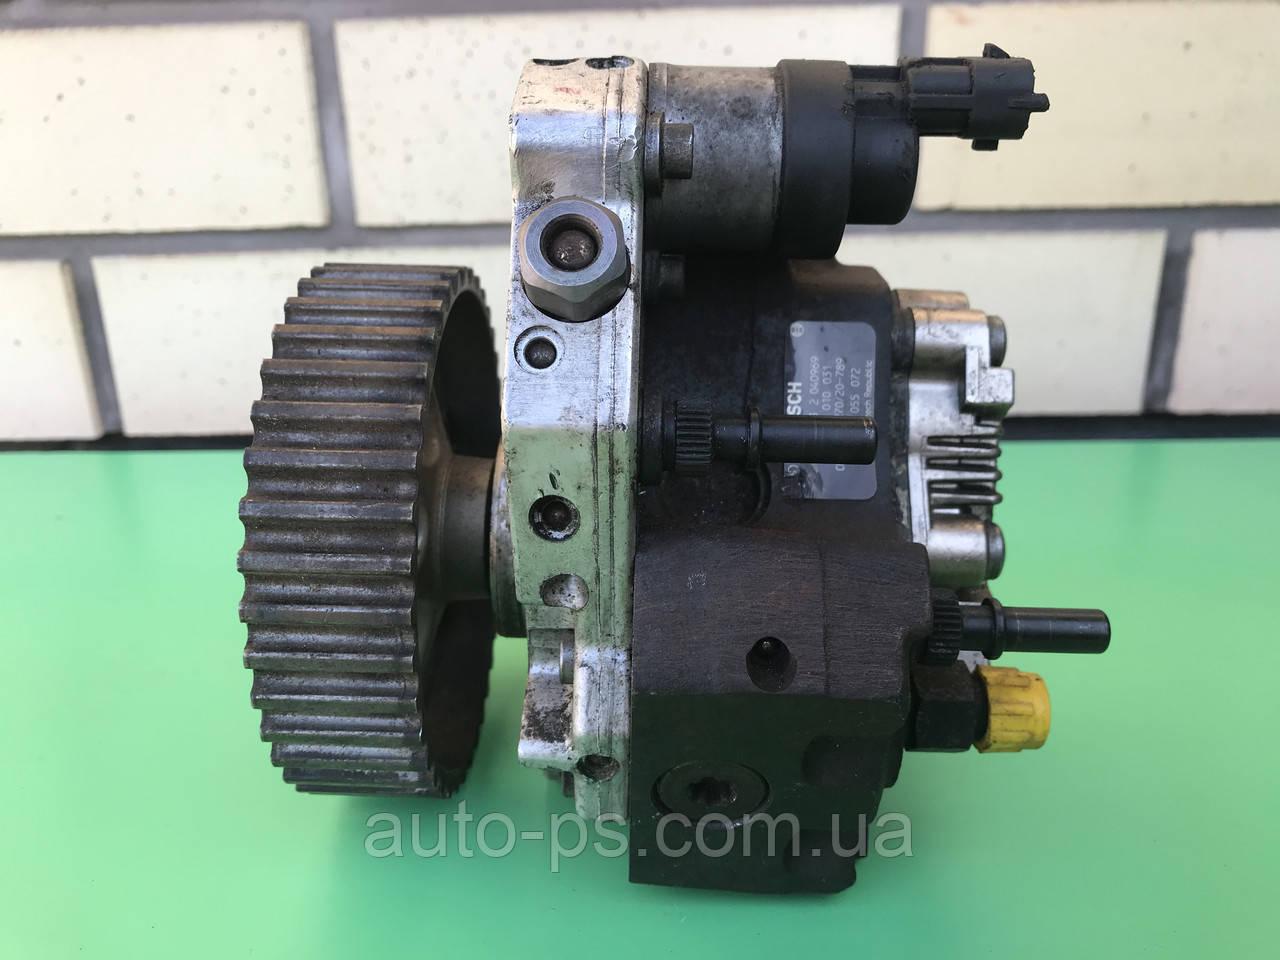 Топливный насос высокого давления (ТНВД) Renault Megane II 1.9dCi